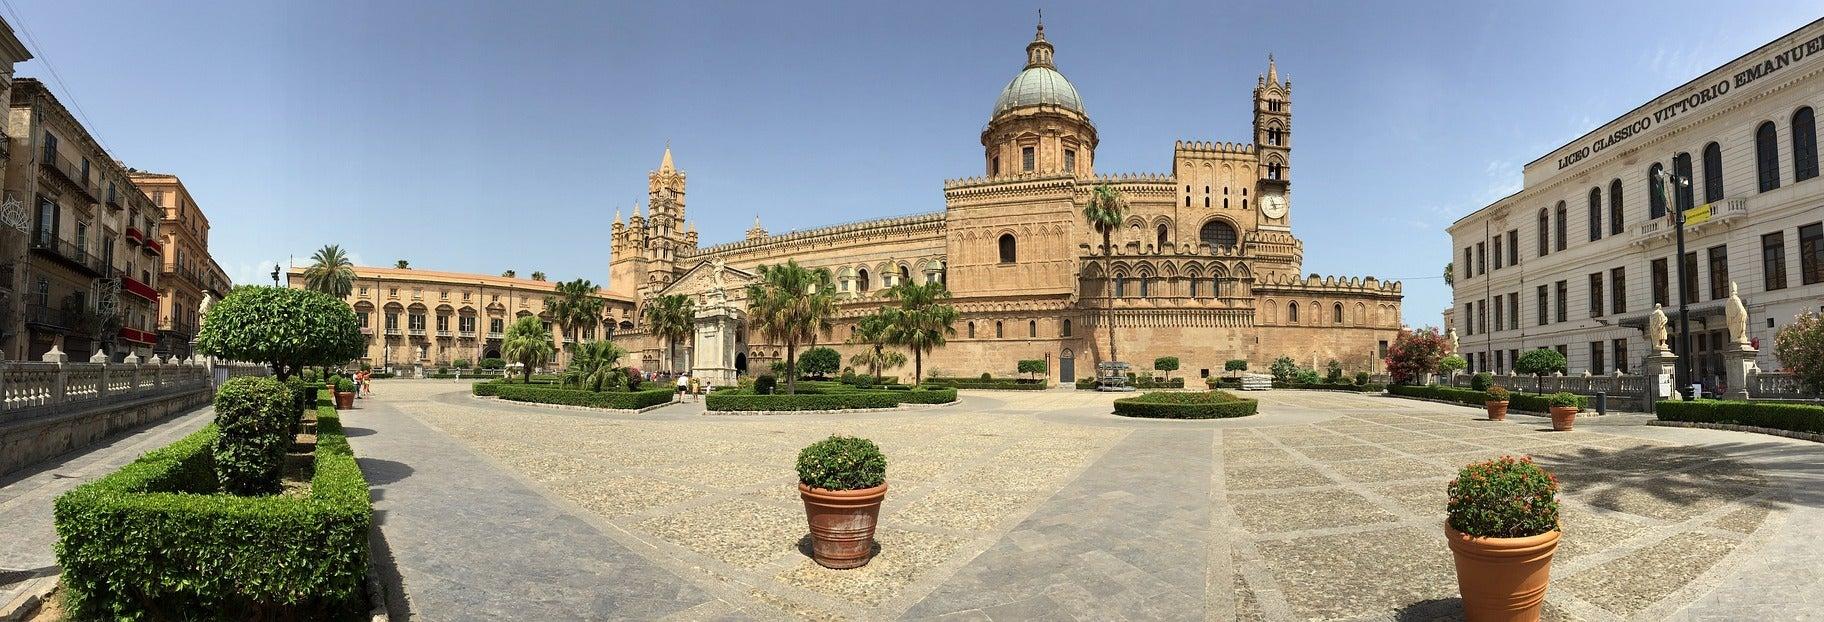 Excursão a Palermo e Monreale